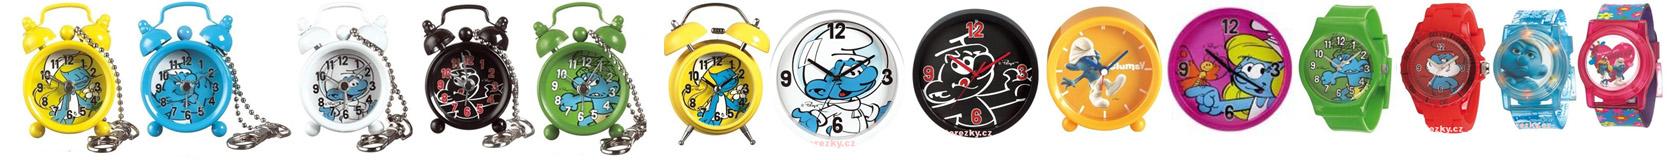 šmoulové hodiny